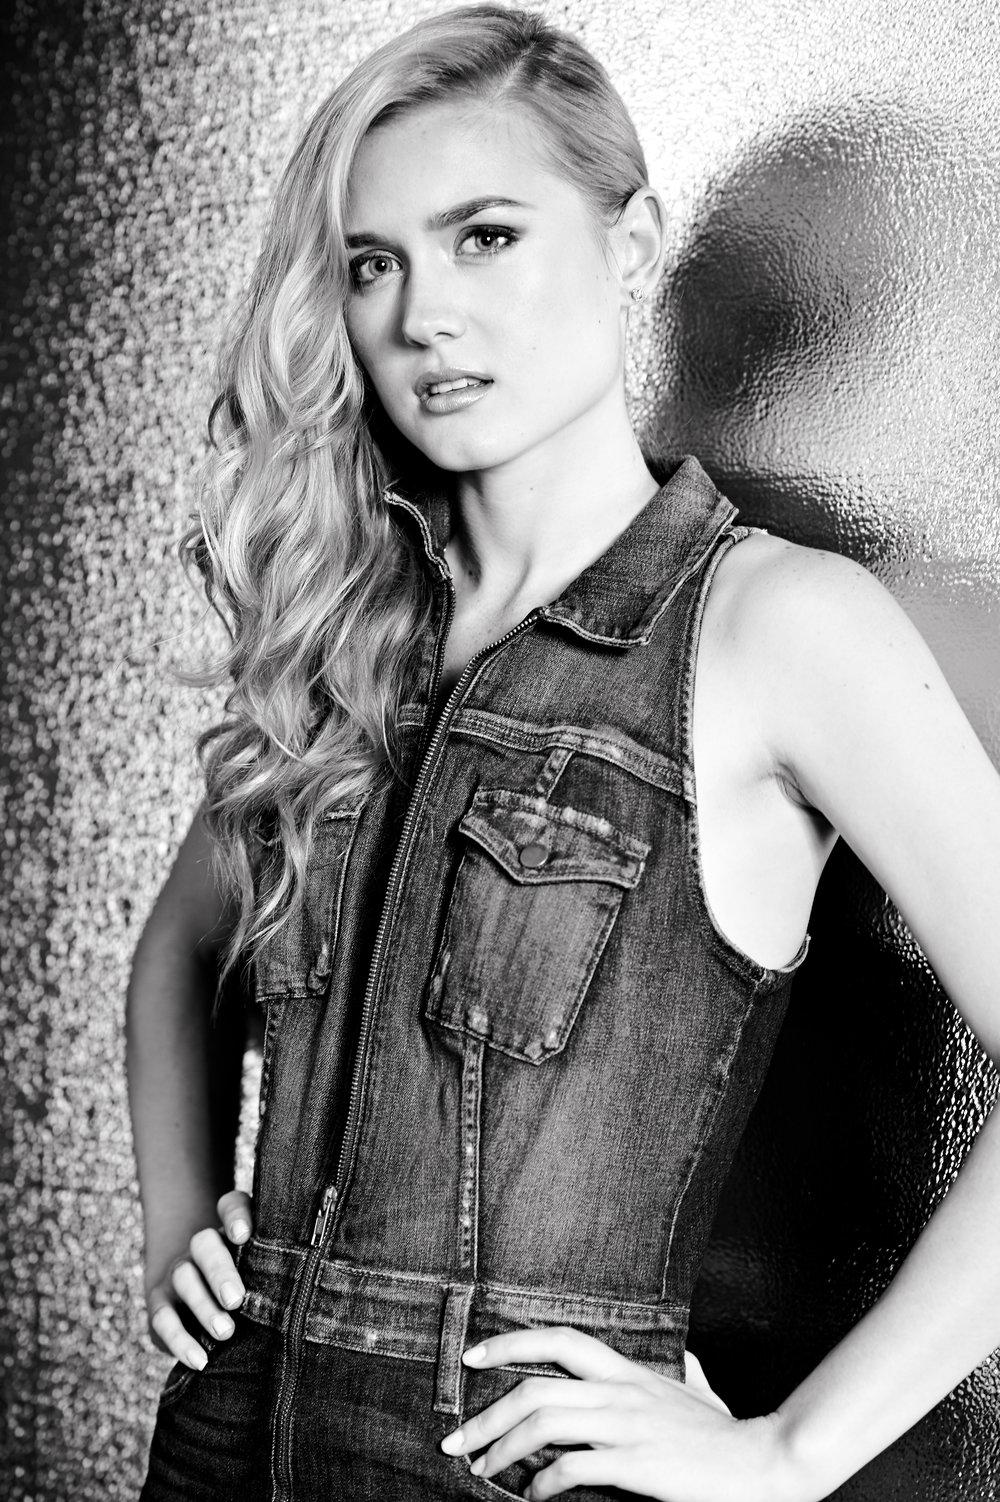 Marta-Hewson-Taylor-Greenaway-Model-Photoshoot-8311.jpg